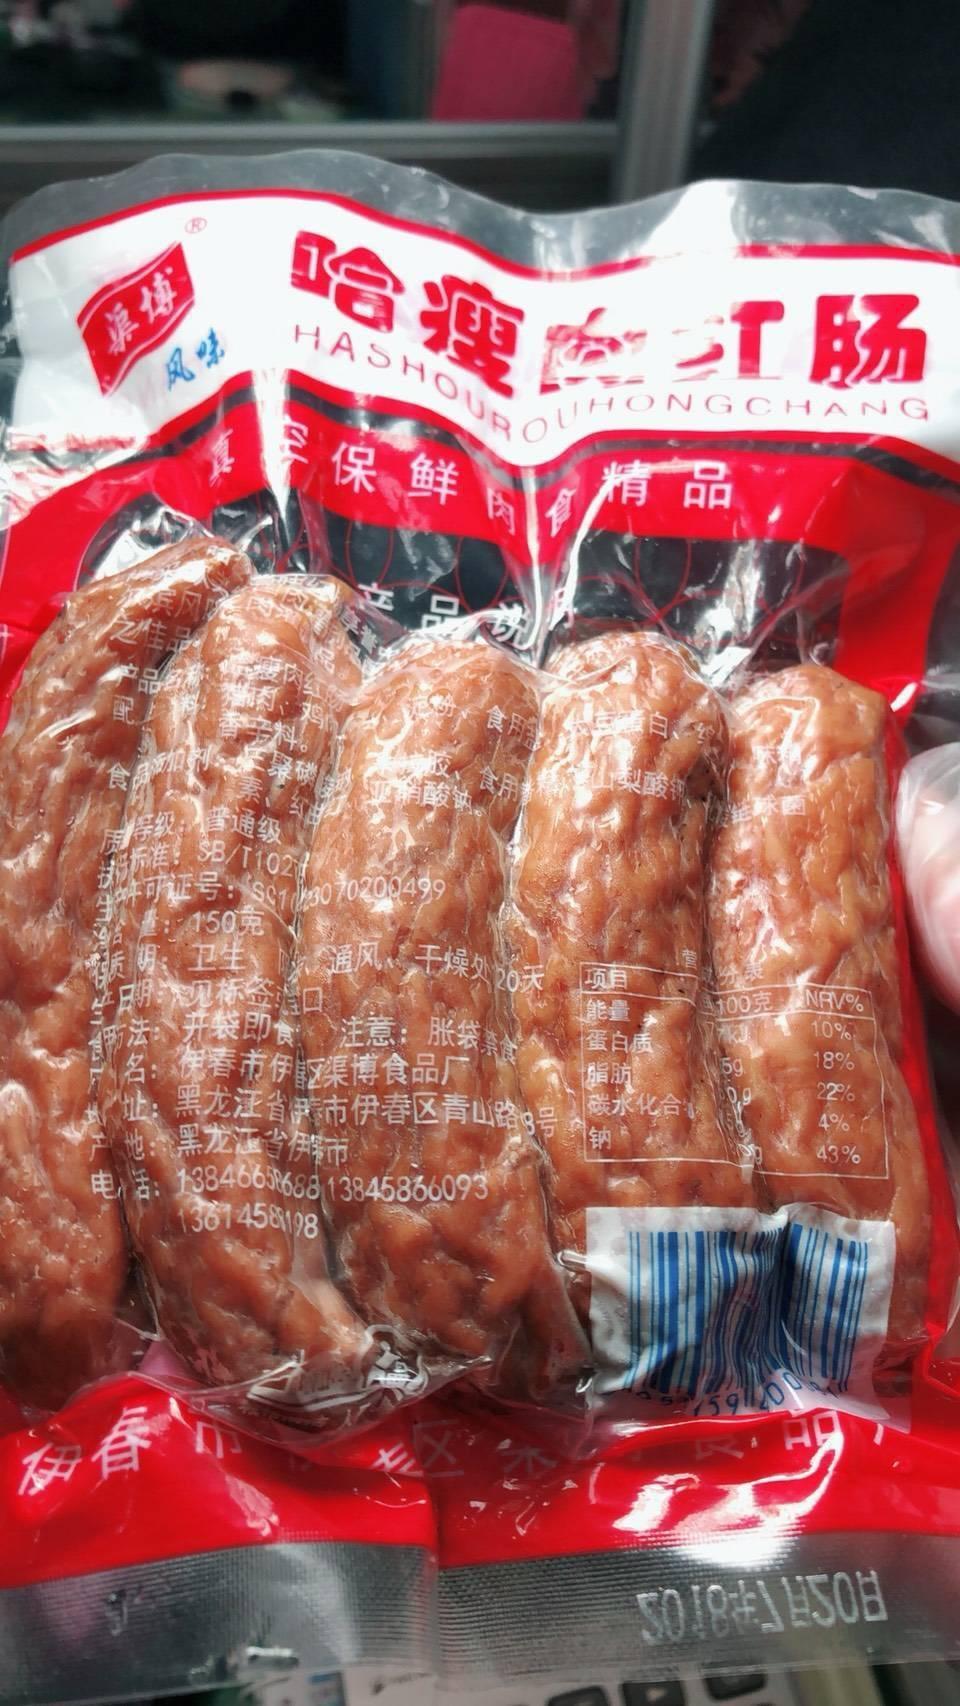 防檢局統計去年一年,國人從中國大陸帶入肉類相關製品多達609件。圖/防檢局提供